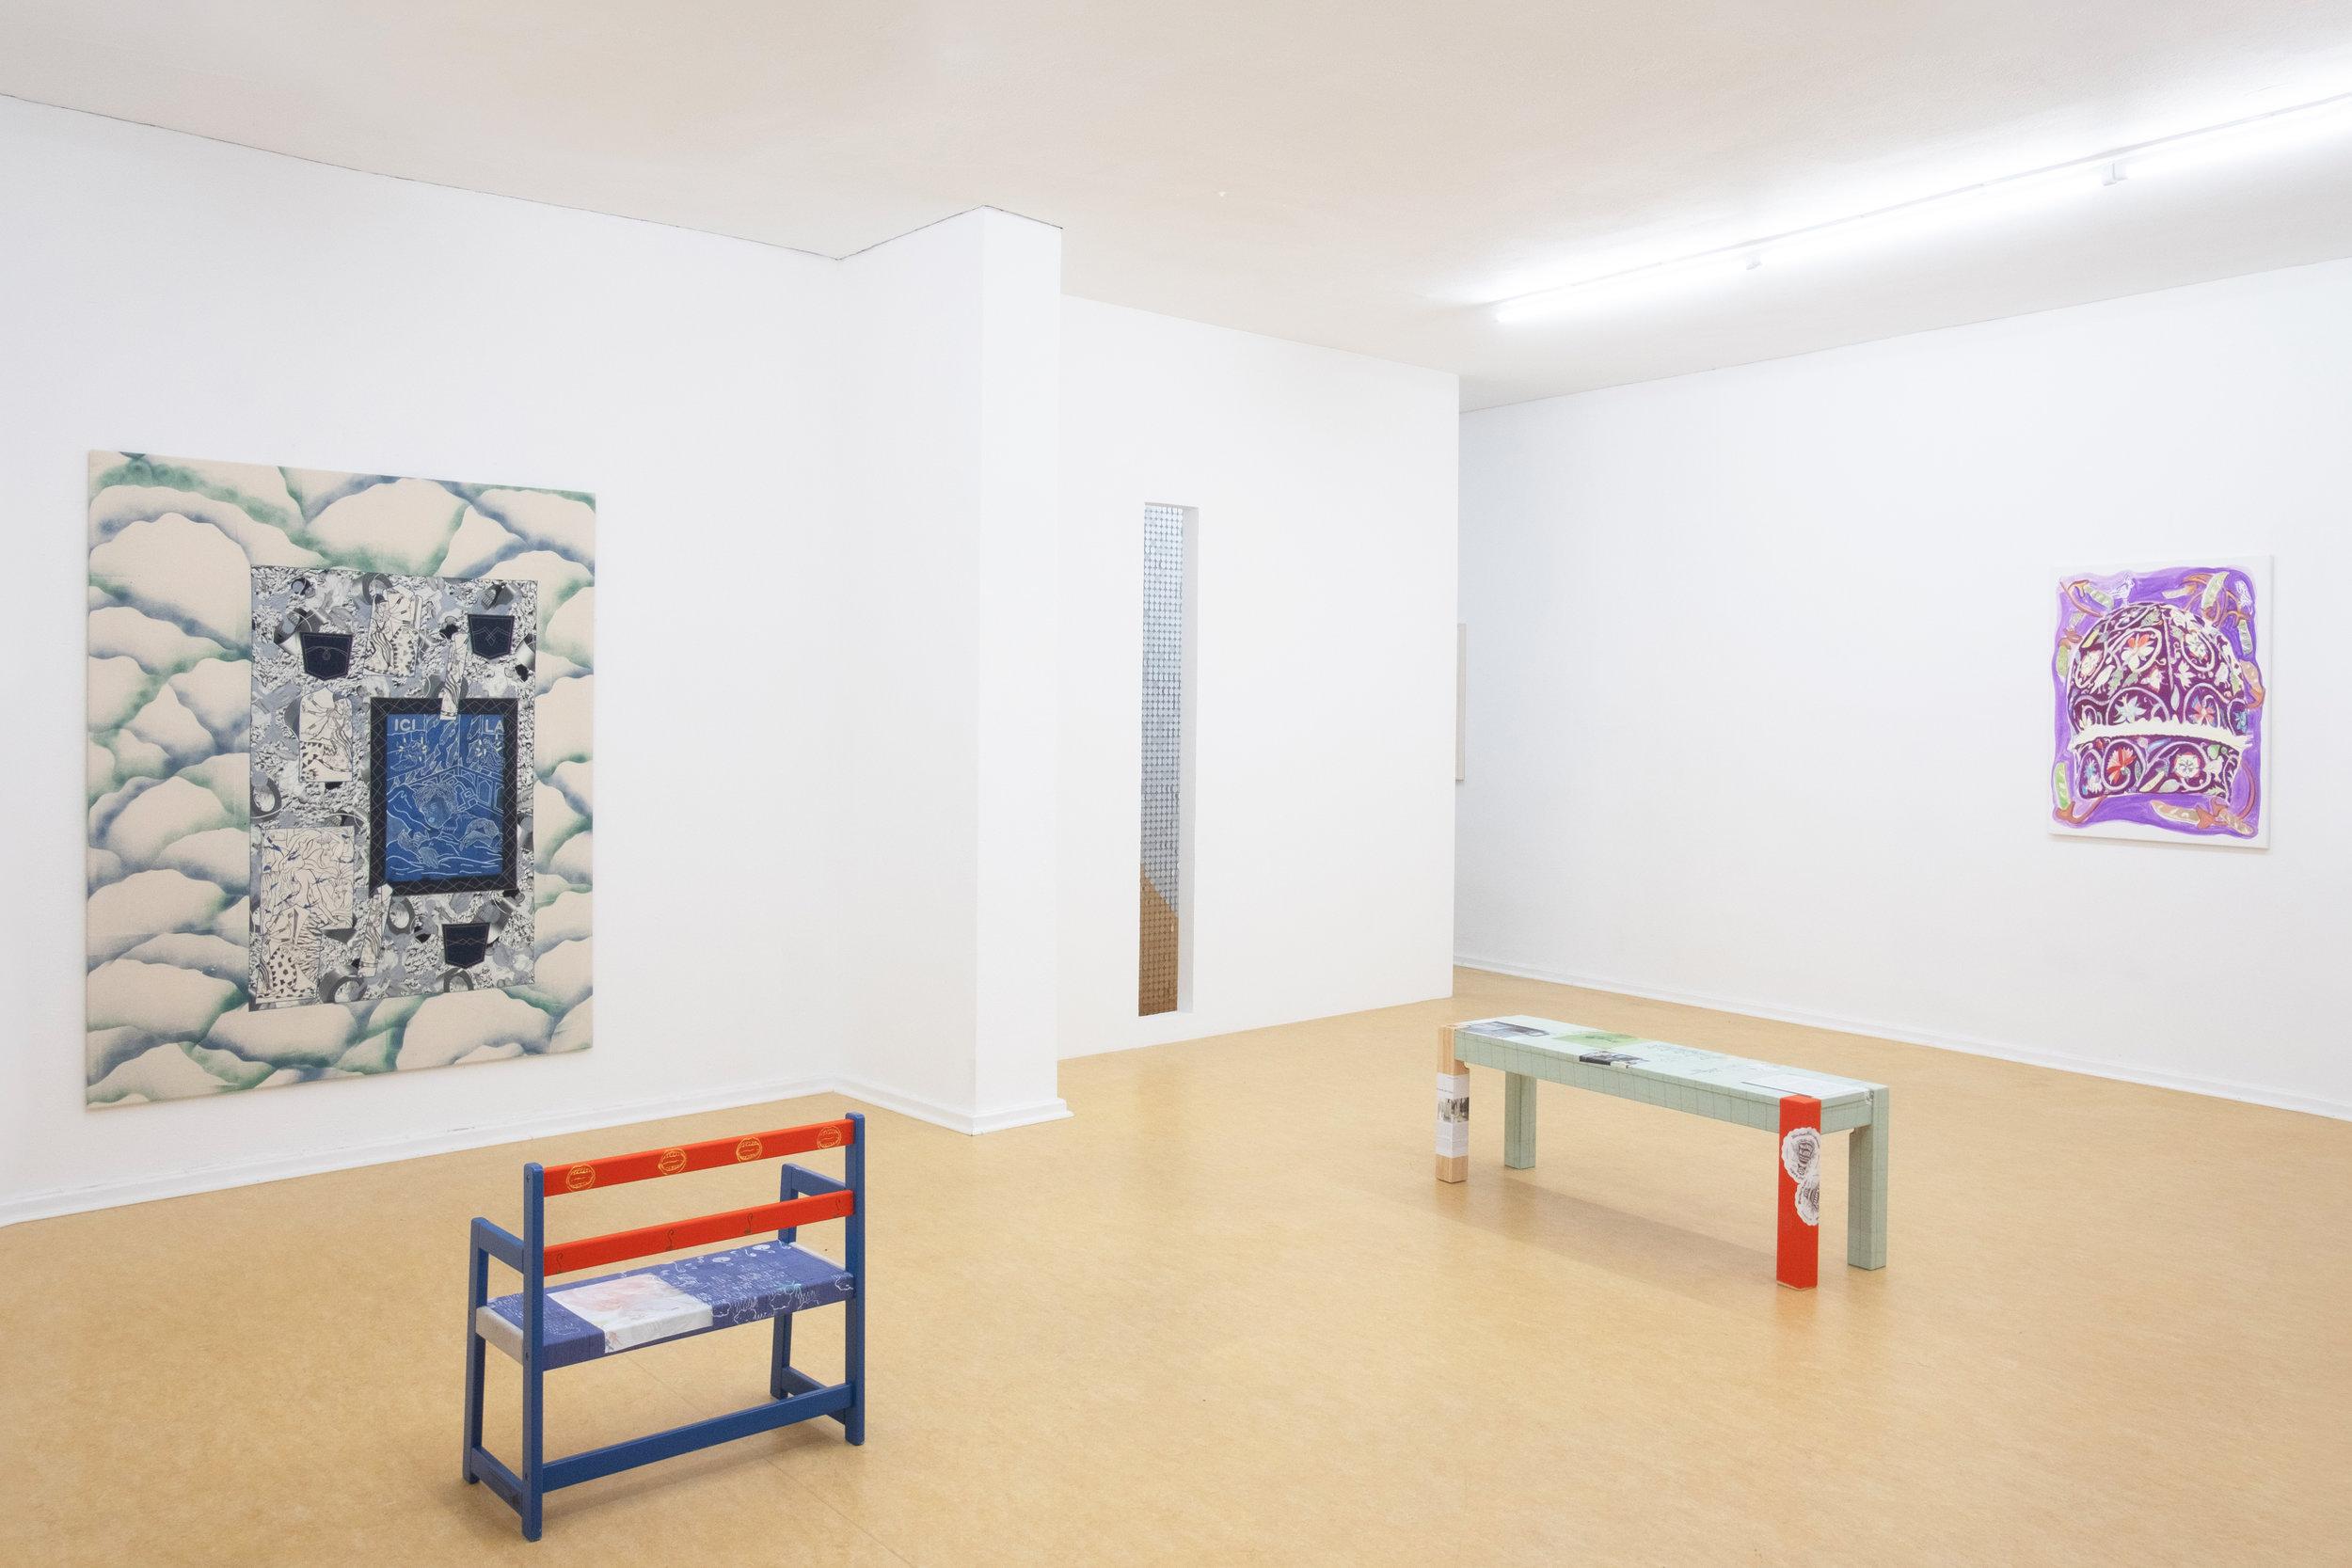 36_KM_Hand_seiner Zeit_2019_Installation_view.jpg